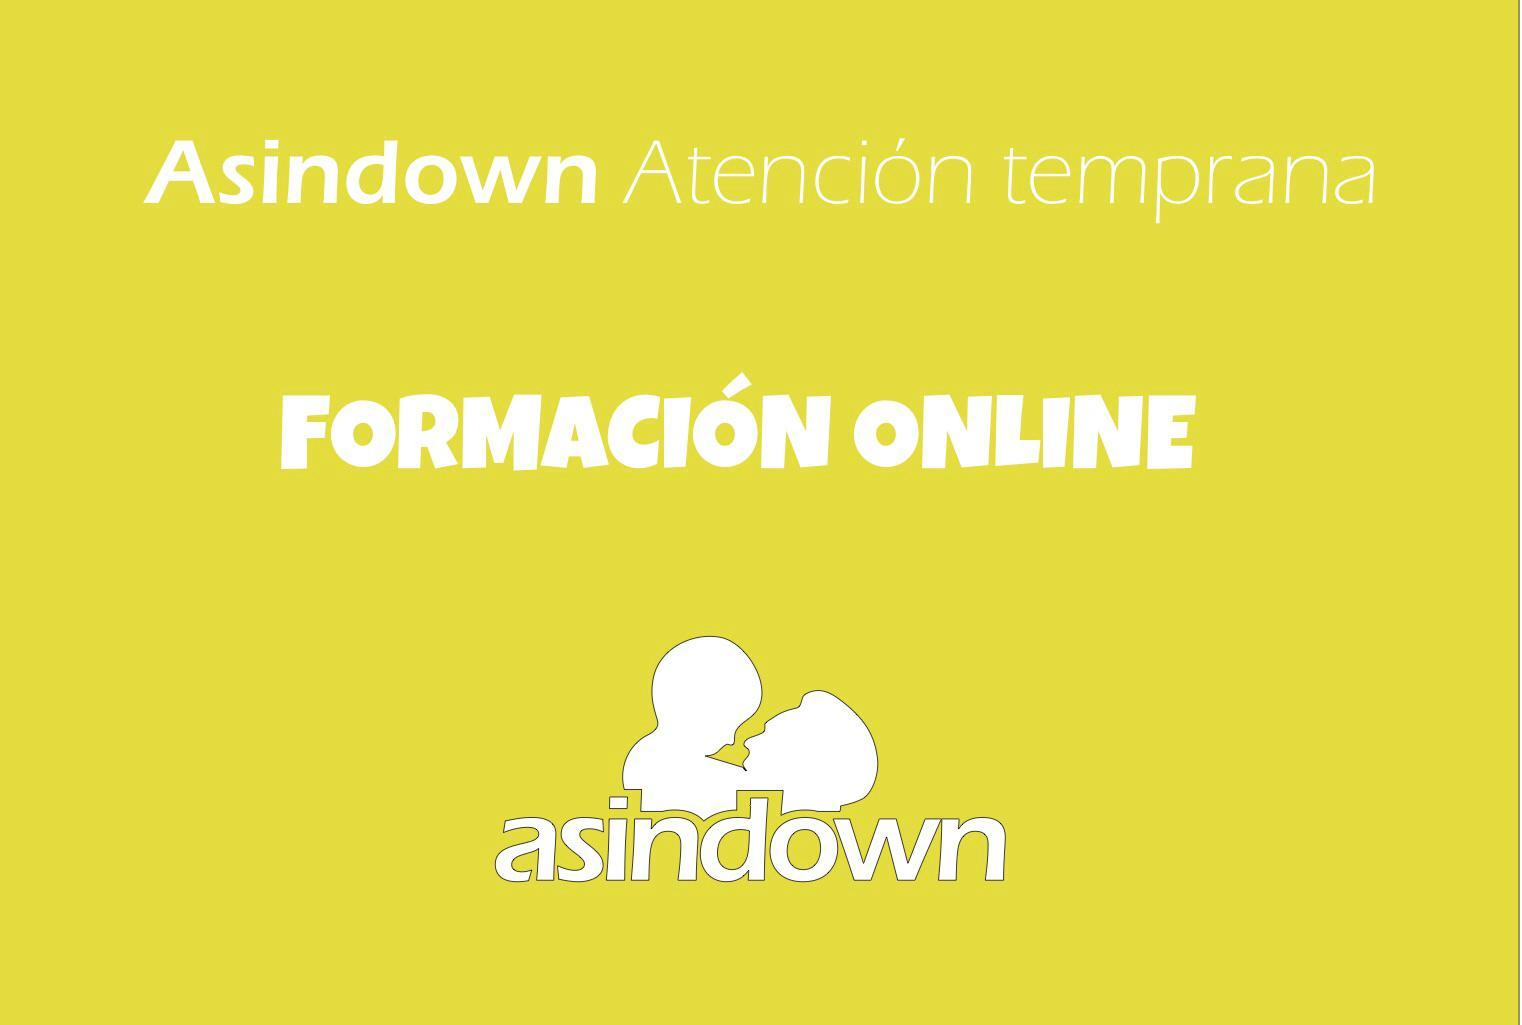 ASINDOWN ATENCIÓN TEMPRANA. SECCIÓN DE ATENCIÓN A FAMILIAS Y PERSONAS USUARIAS